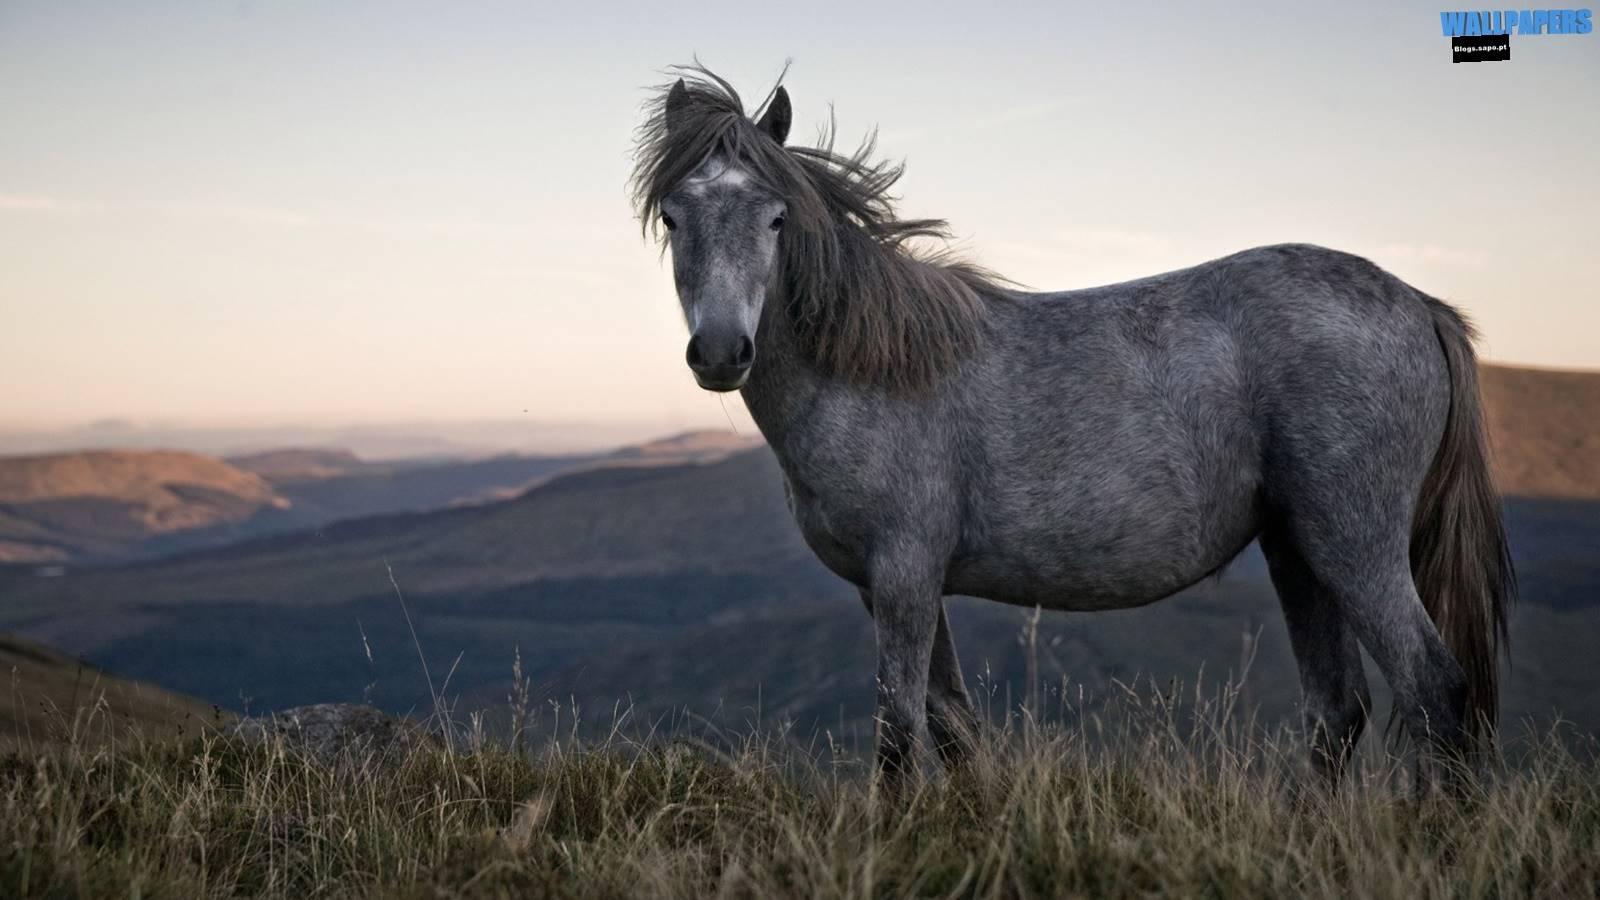 Best Wallpaper Horse High Definition - beautiful-wild-horse-wallpaper-1600x900  Photograph_757118.jpg